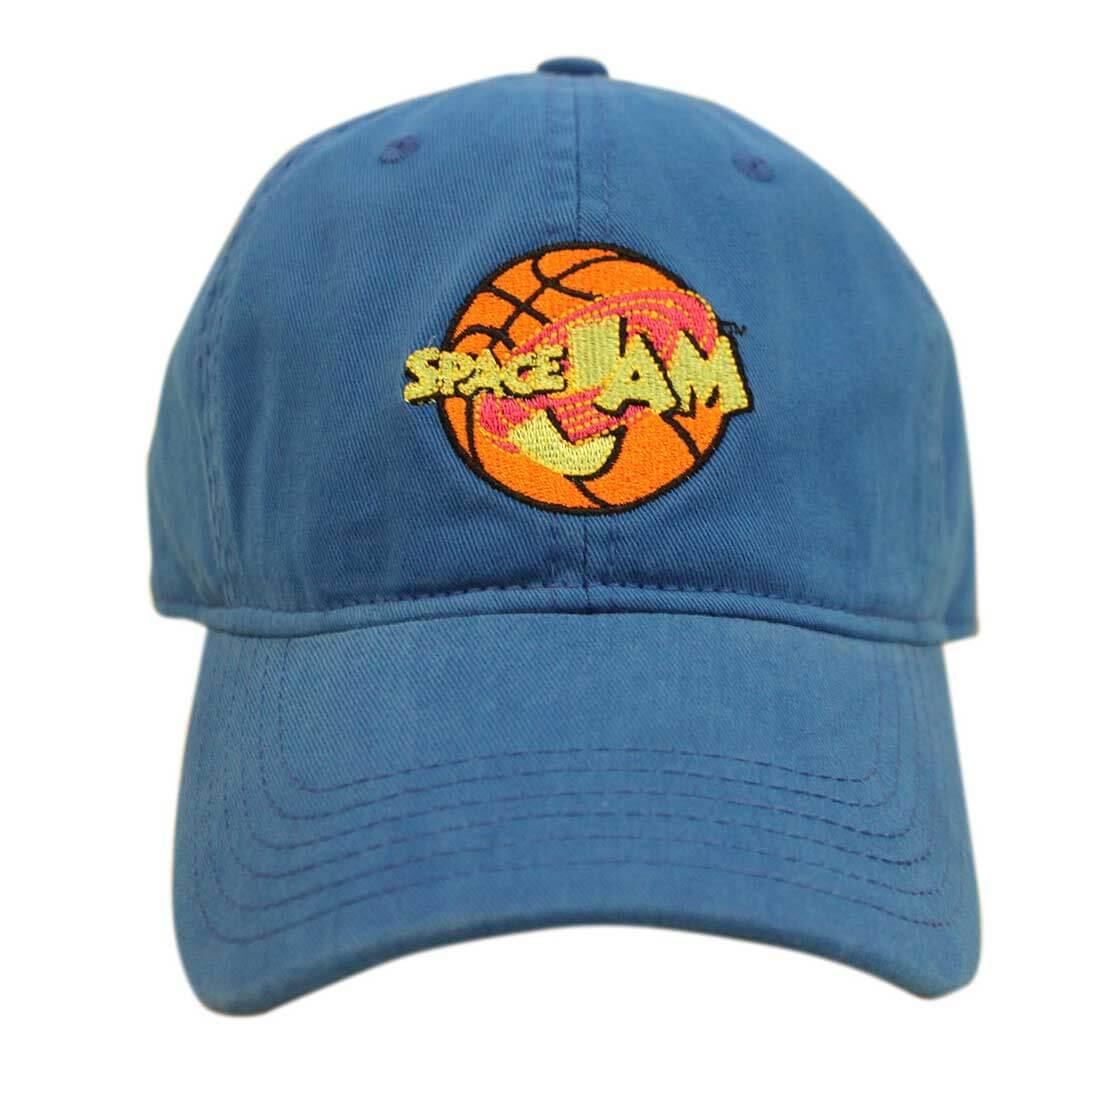 Men's Hats - Cracker Barrel